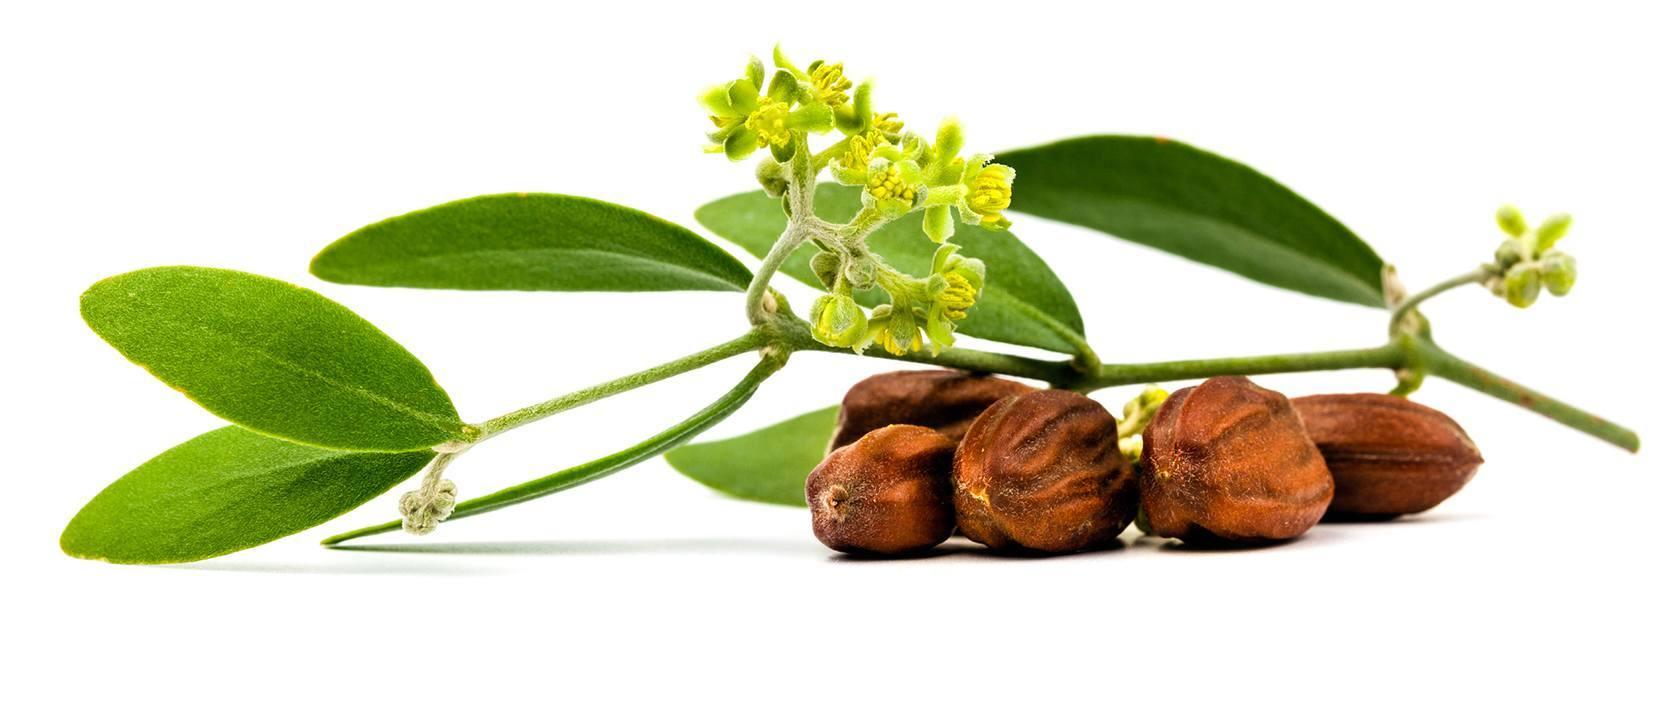 cosmétiques et produits de beauté de la mer mortea l'huile de jojoba